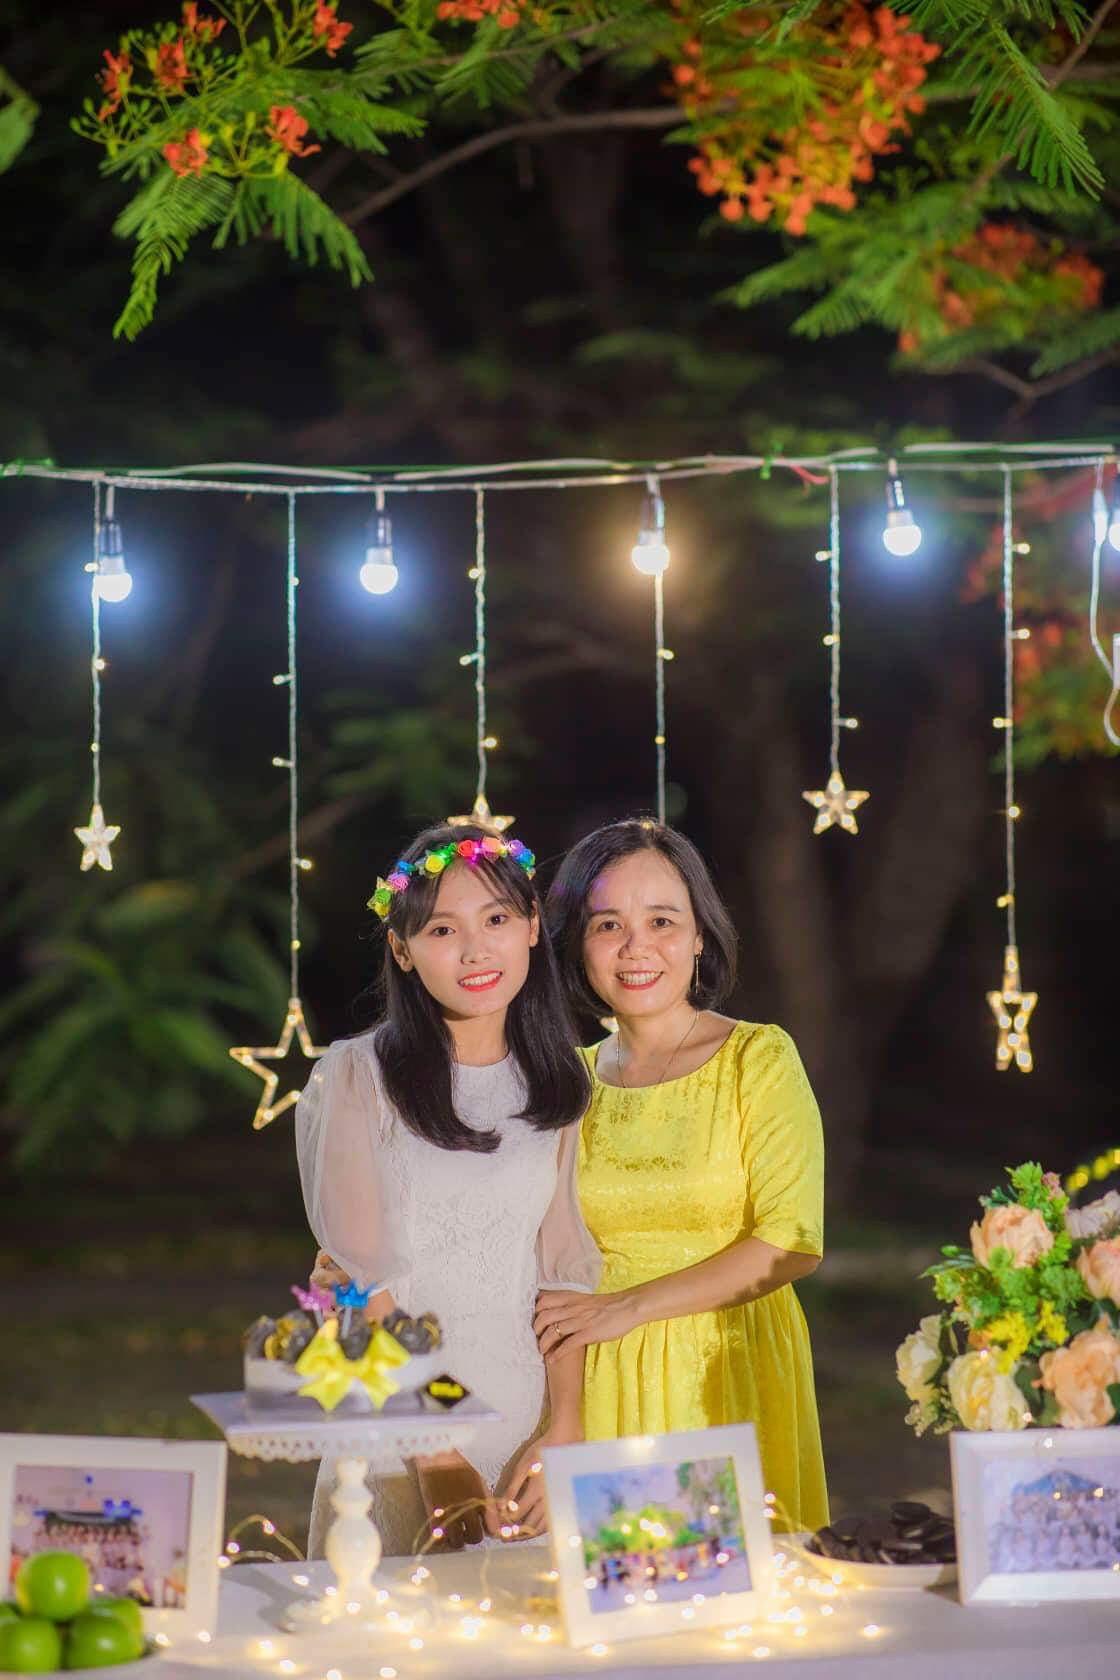 Hơn cả một học sinh giỏi: Vượt qua nỗi đau mất mẹ, nữ sinh Quảng Nam vươn lên đạt điểm văn cao nhất cả nước trong kỳ thi THPT Quốc gia 2019 - Ảnh 6.